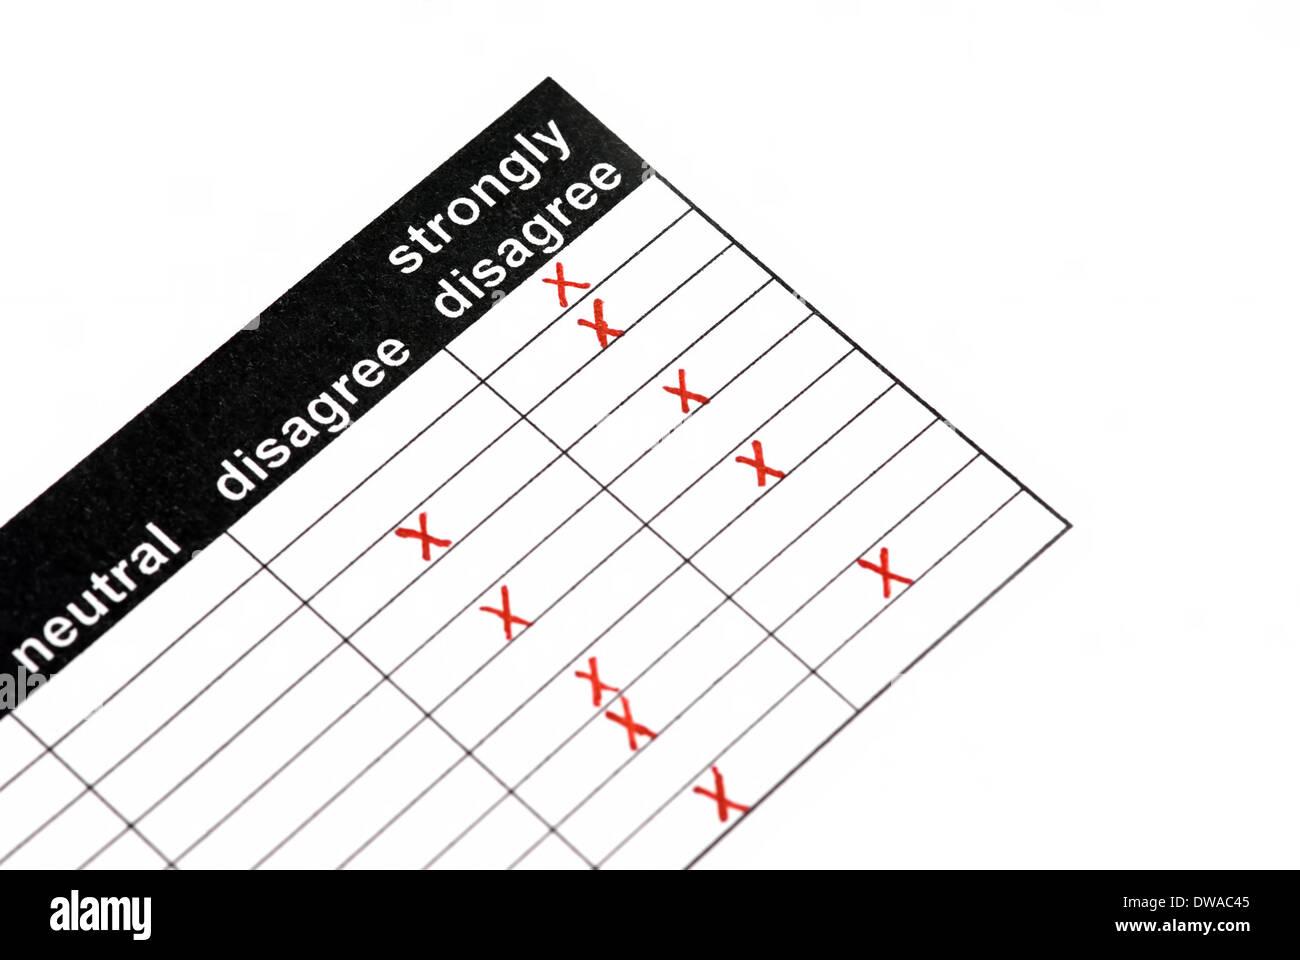 Kundenformular Zufriedenheit mit schlechten Ergebnissen. Stockbild